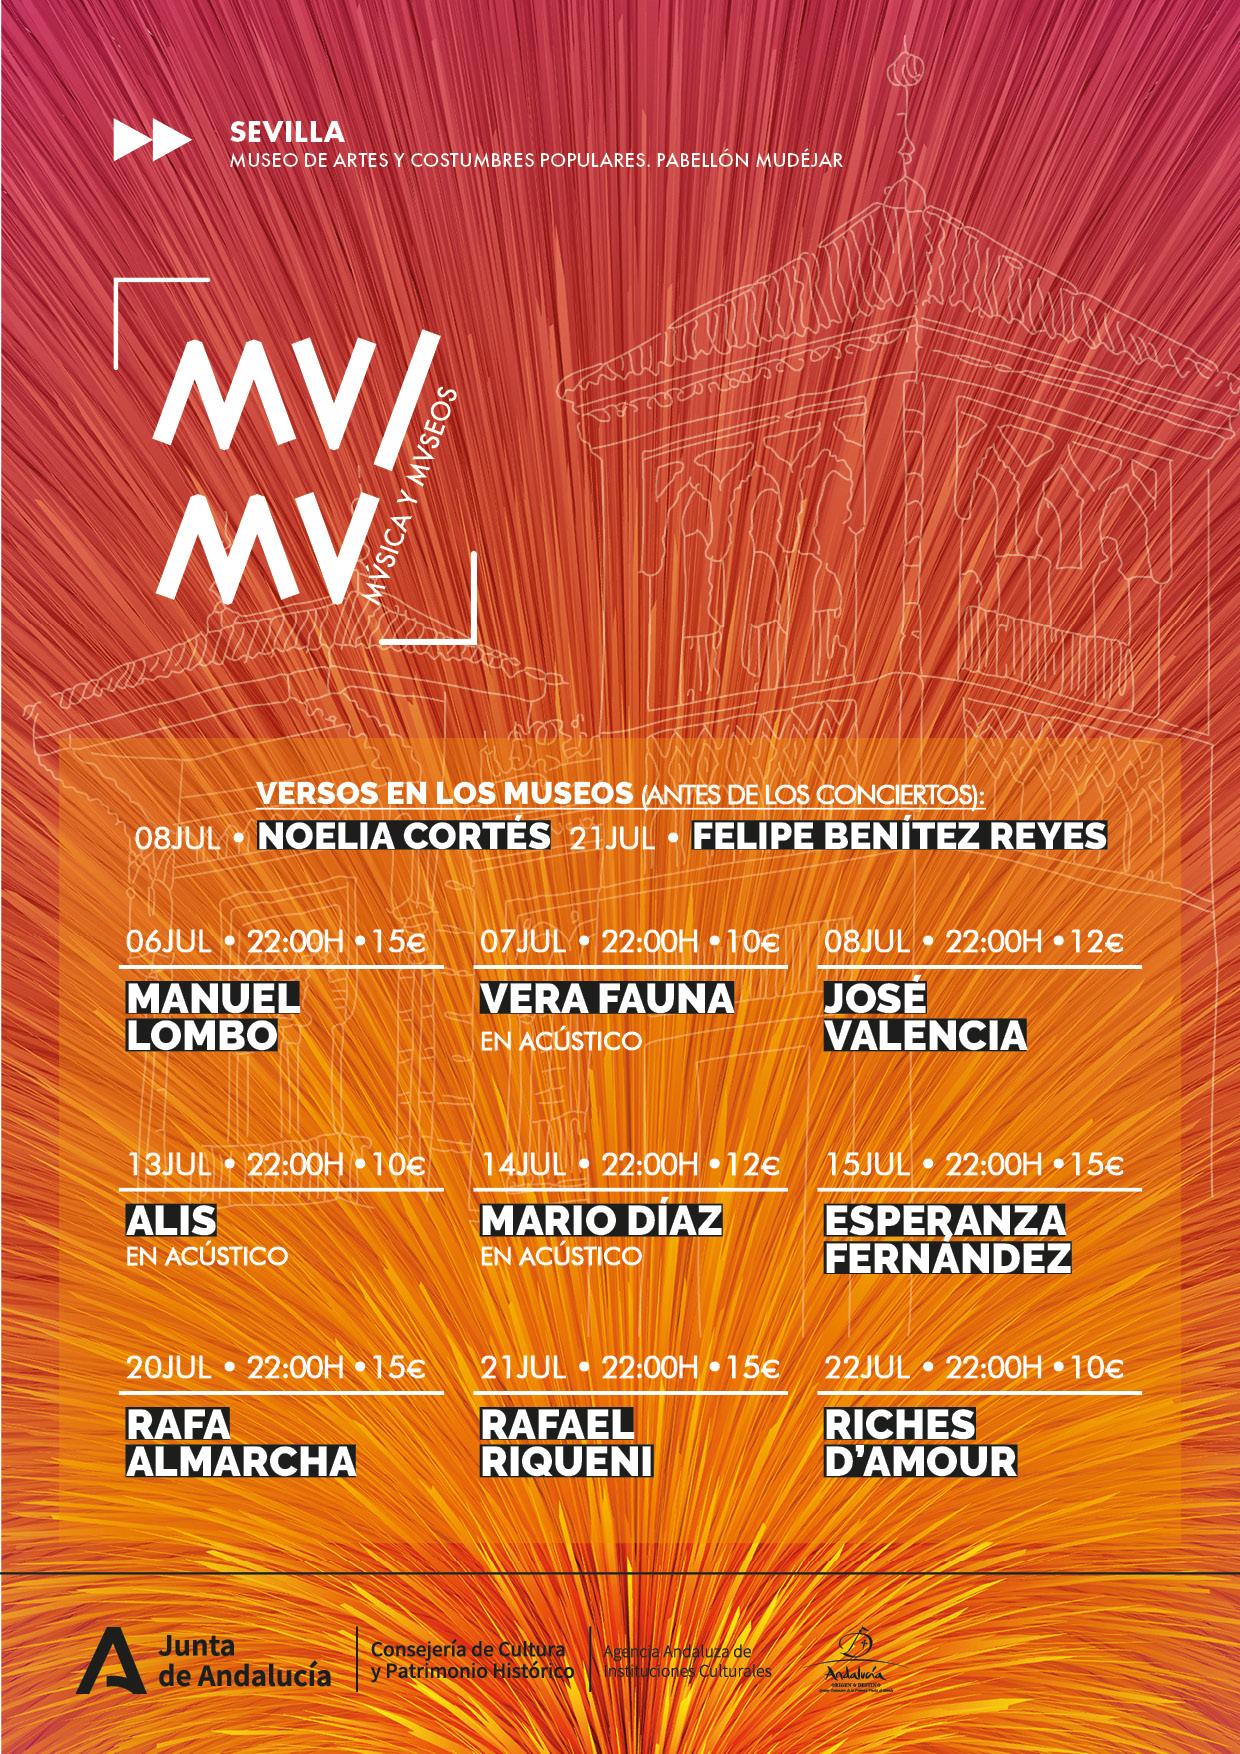 MUMU Sevilla